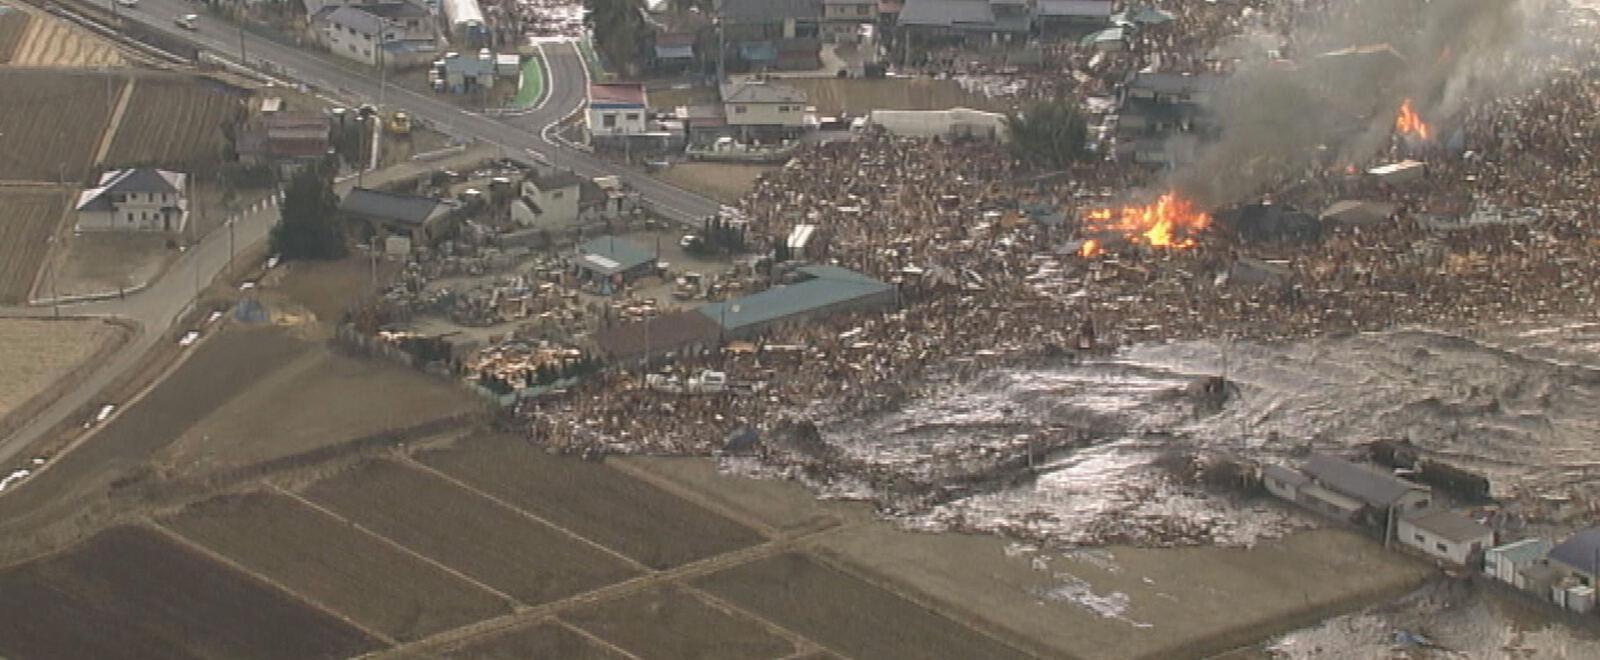 3/11 tsunami